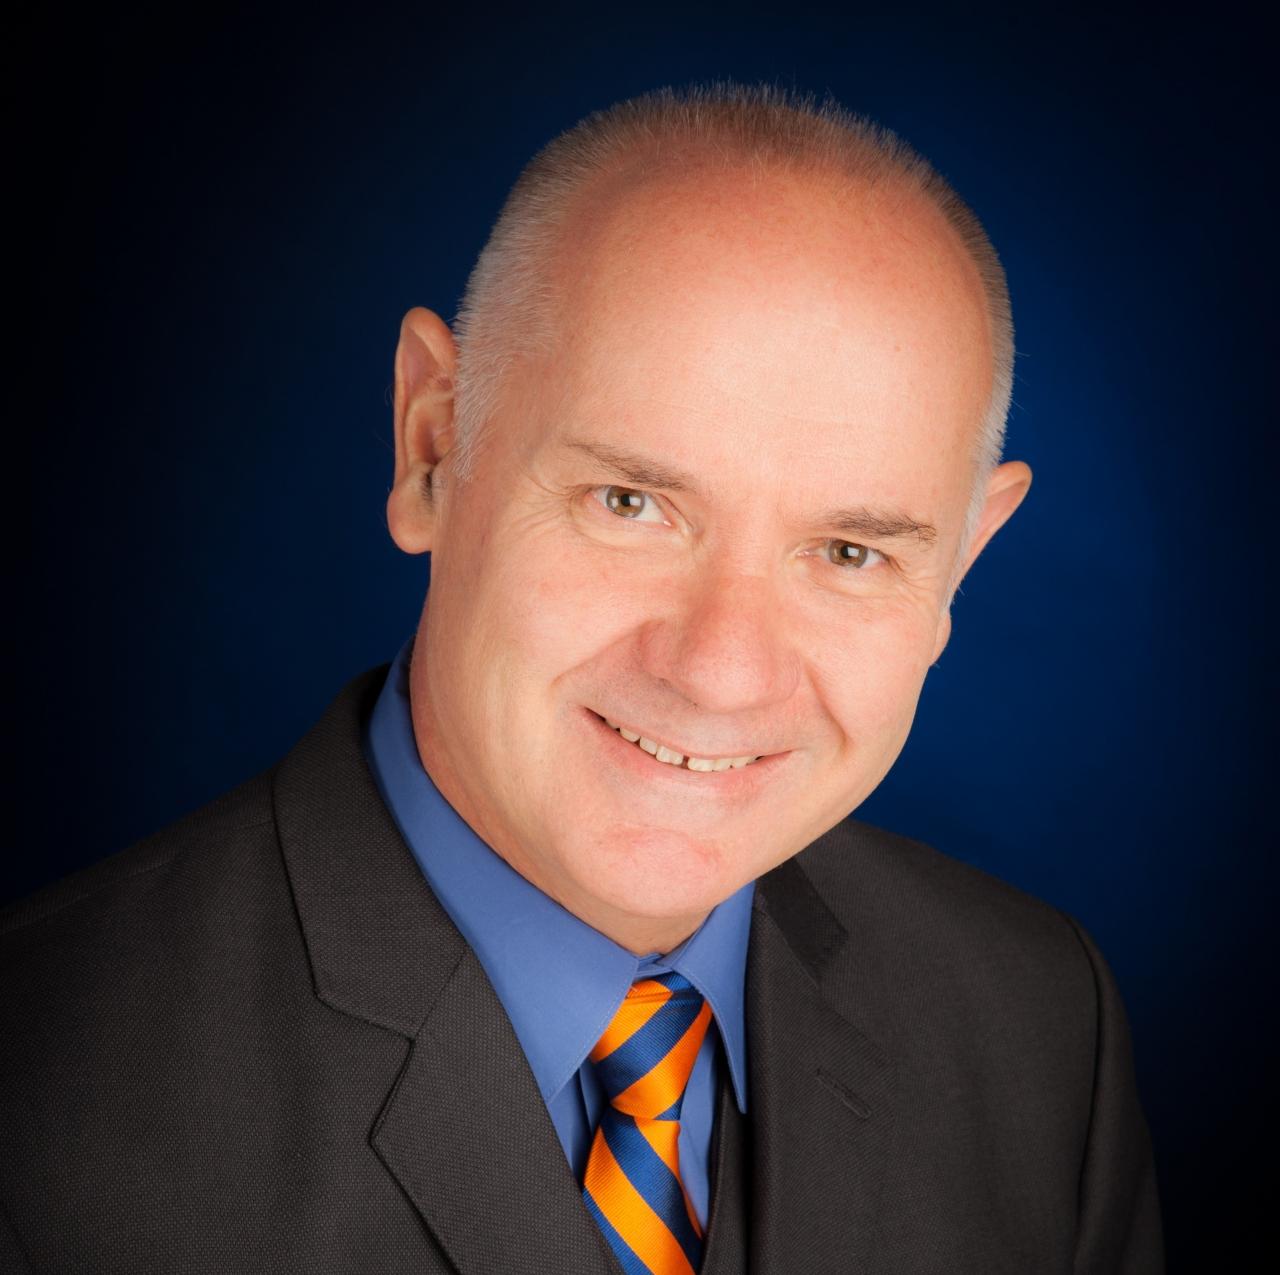 James D. White, VP Partner Engagement, Enterprise, Upchain